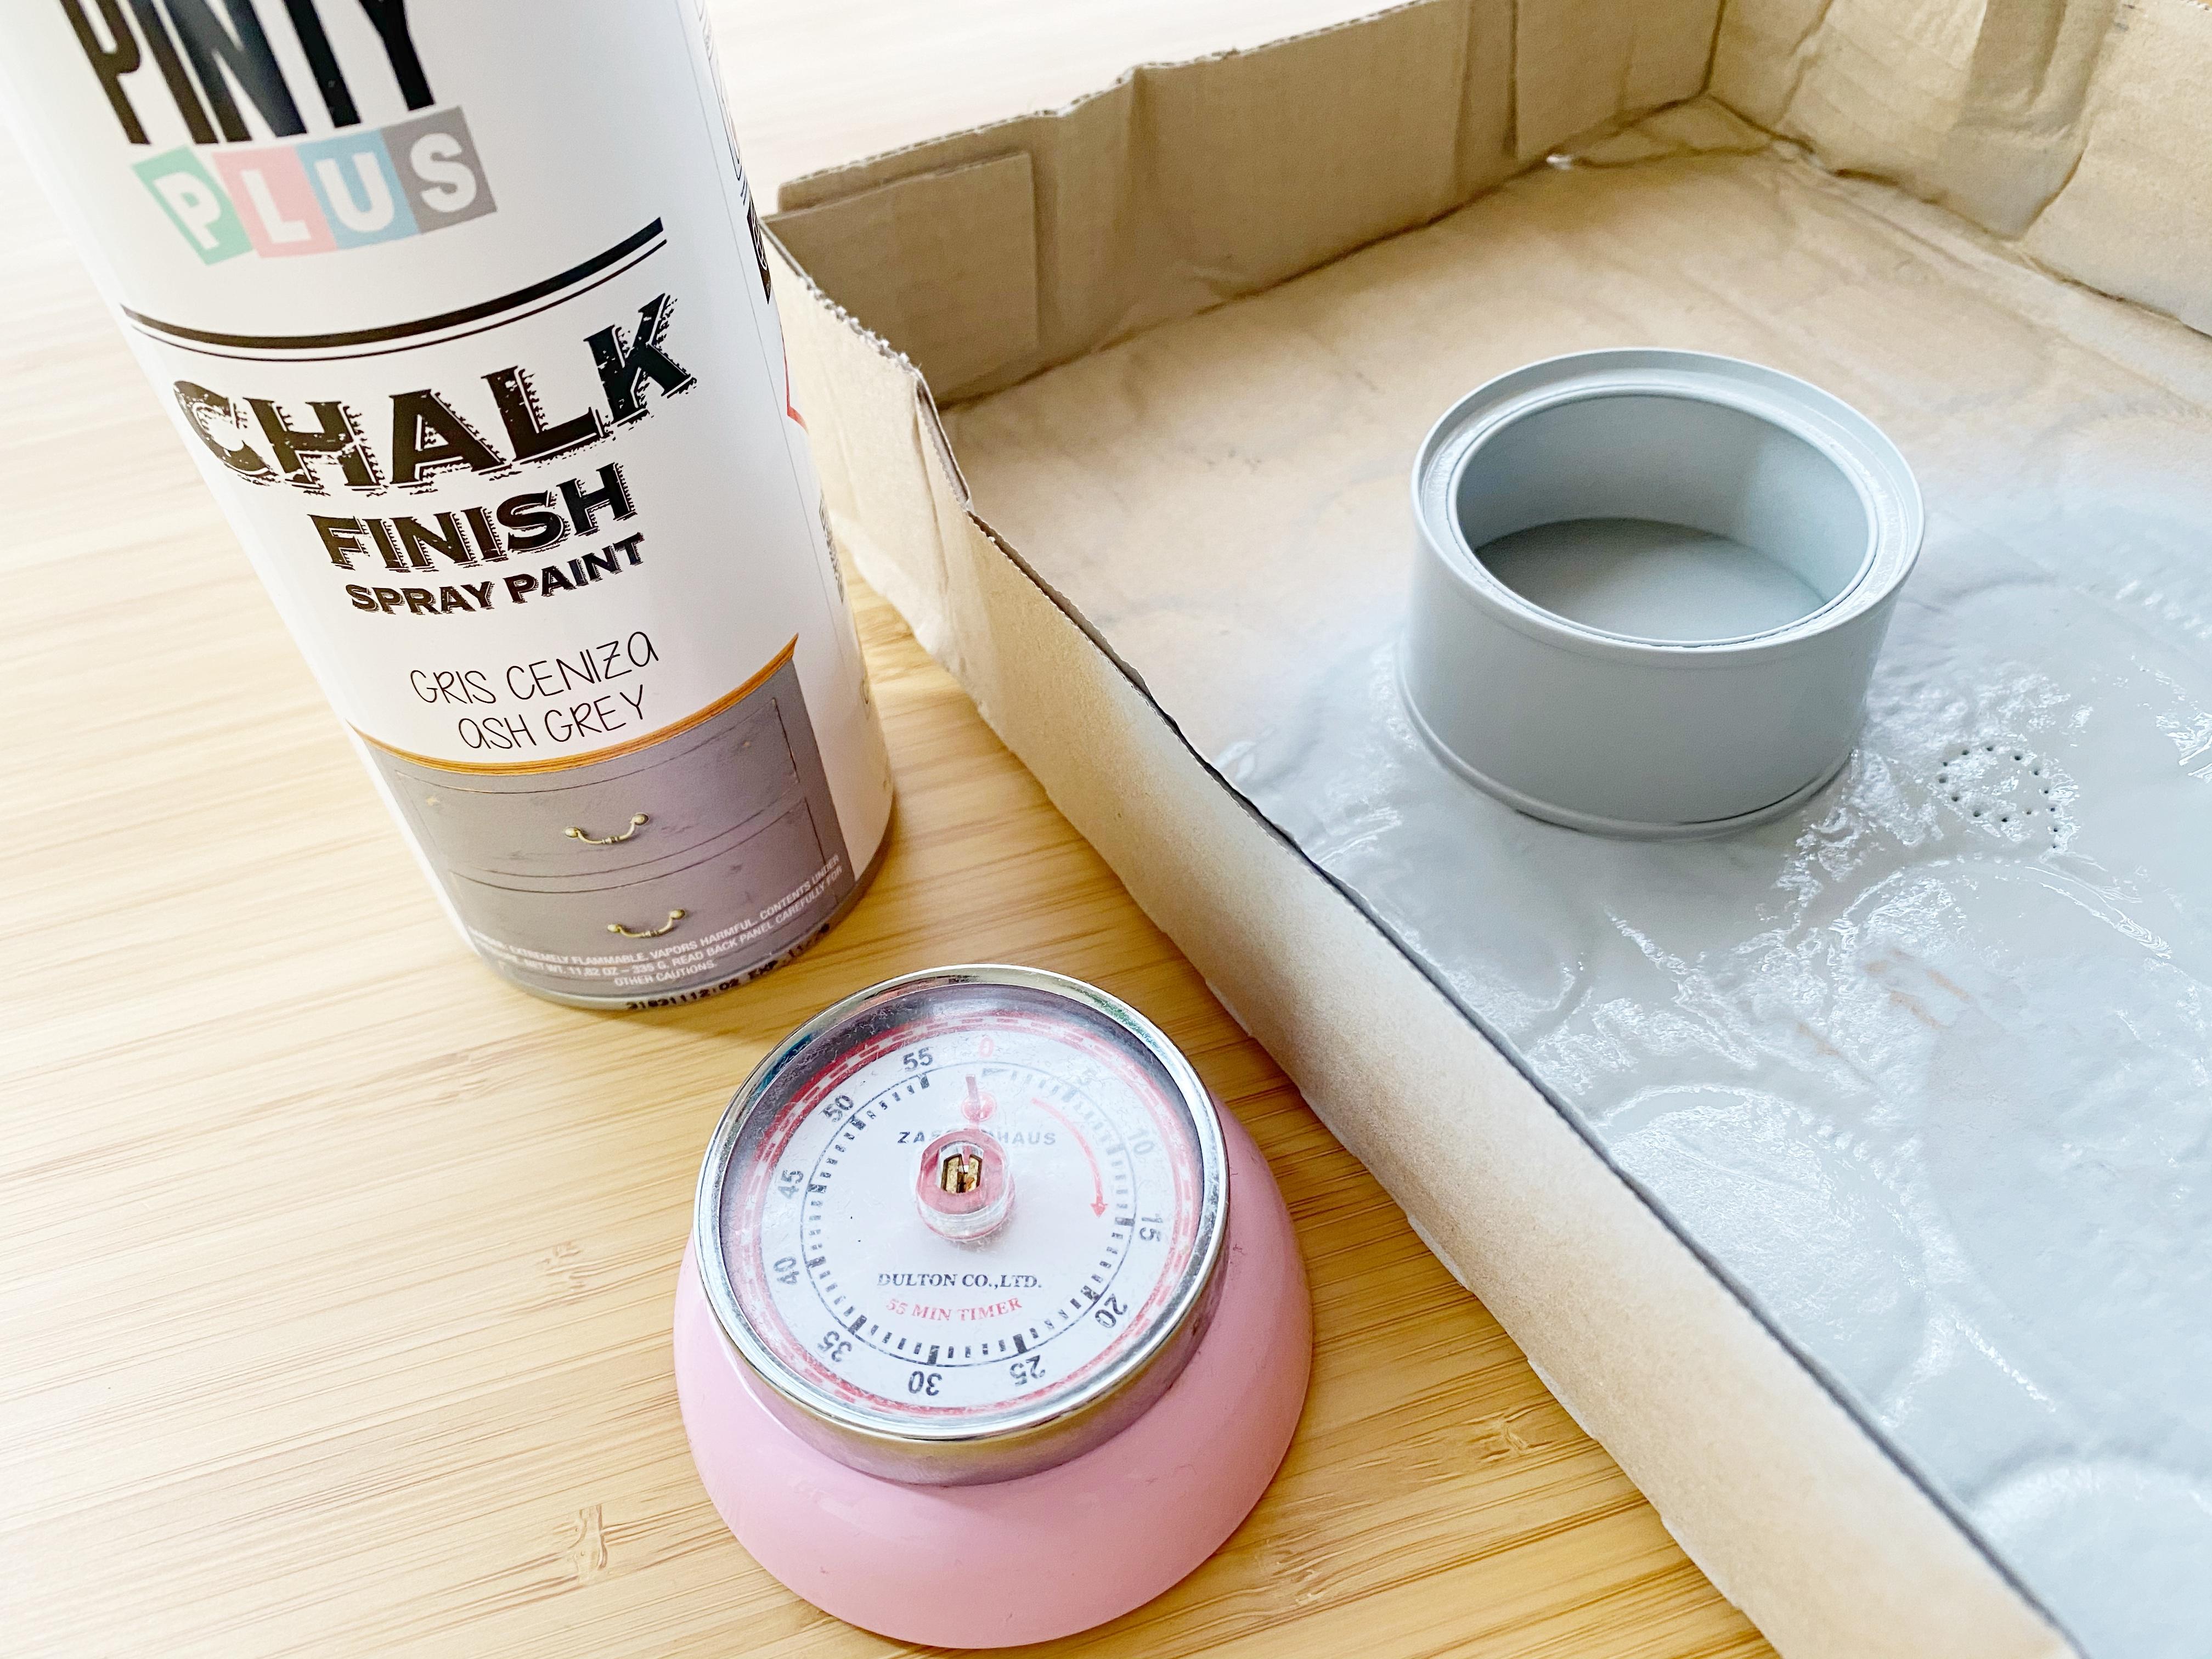 pintura en spray Chalk Paint pintyplus dar color